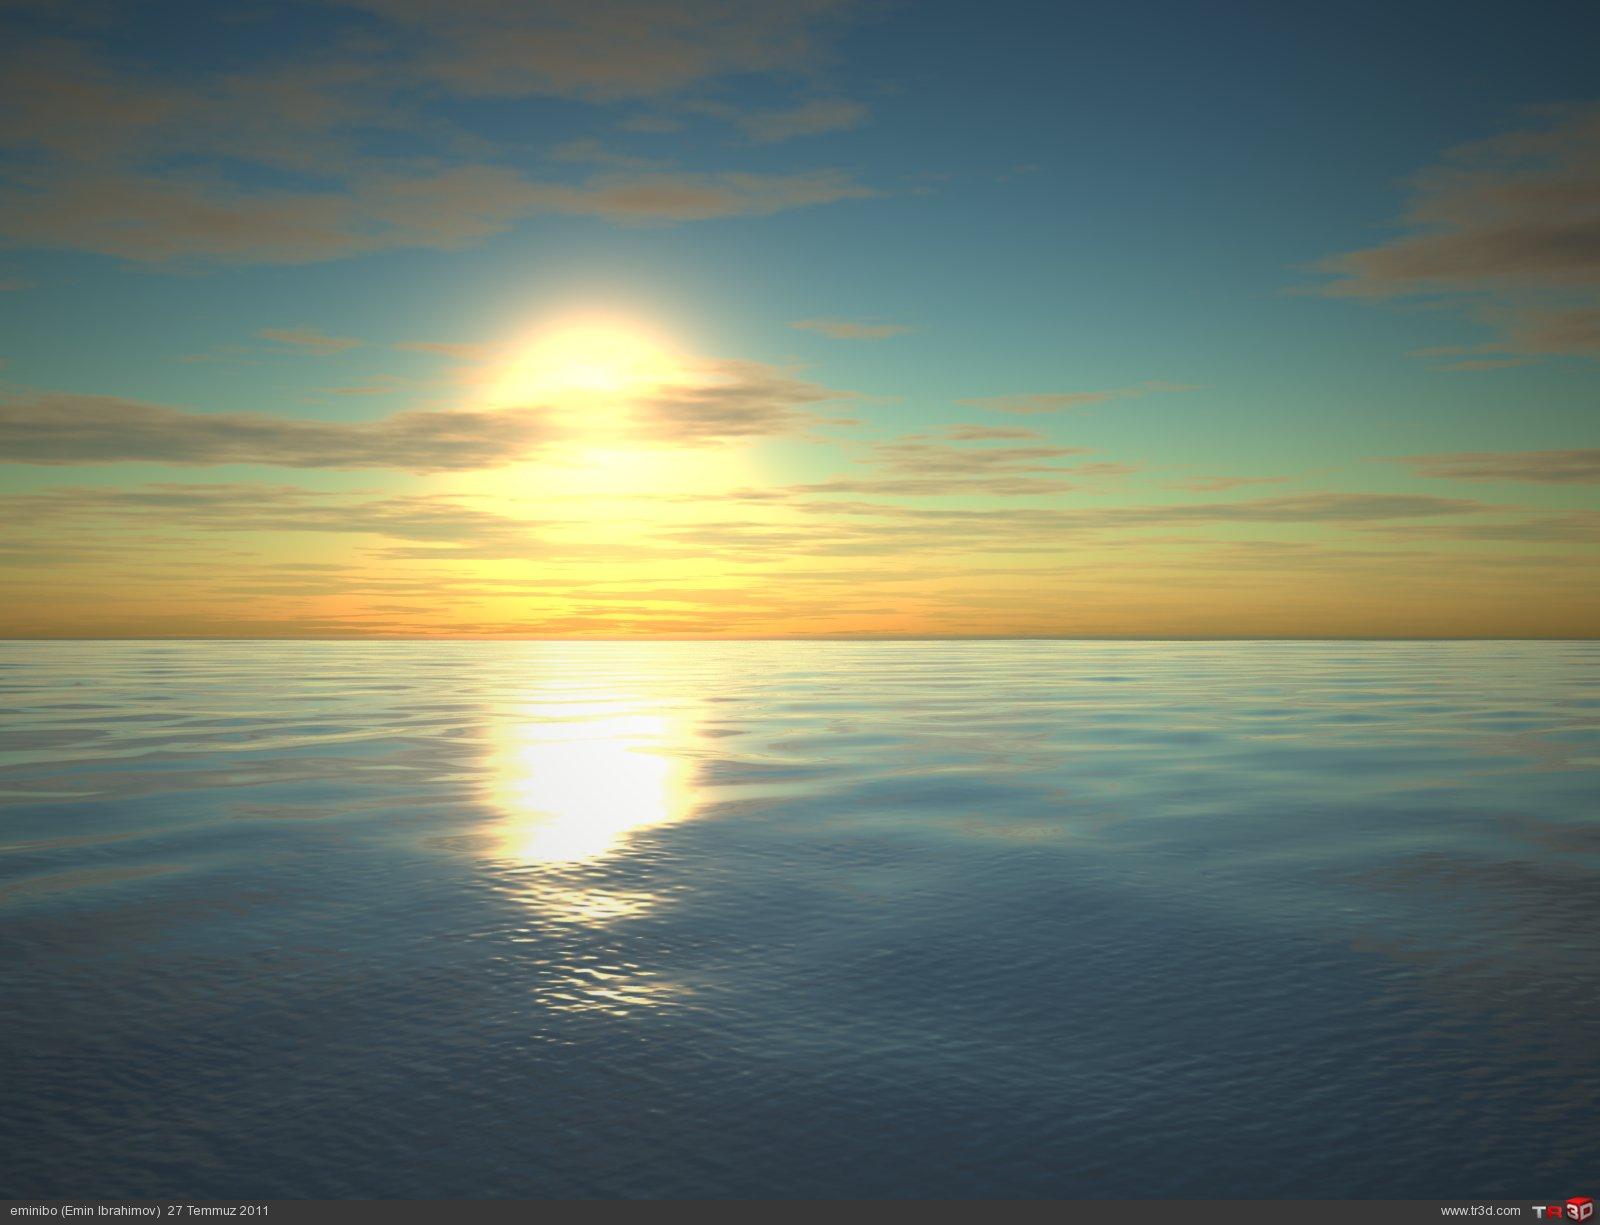 Deniz sahnesi 1